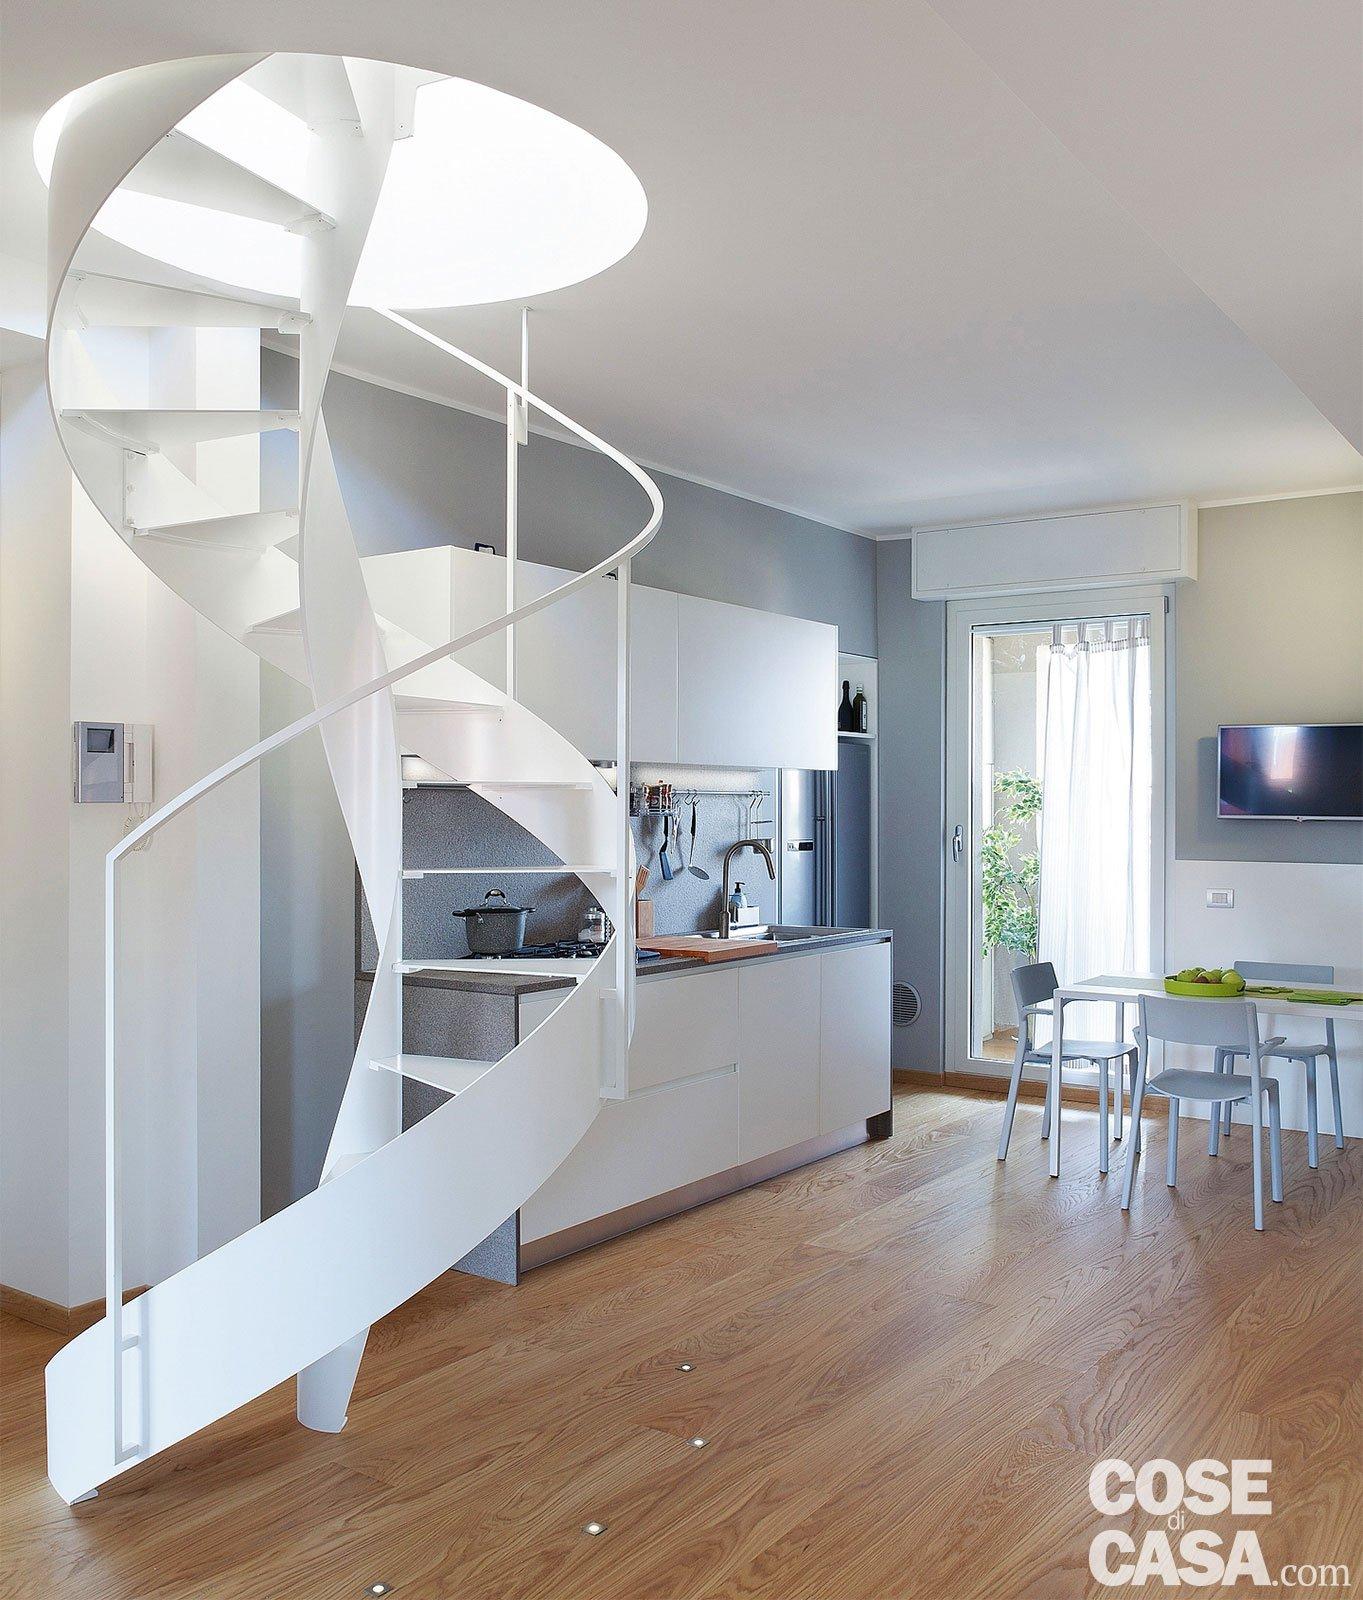 Cucina a vista sul soggiorno nel sottotetto con terrazzi a tasca cose di casa - Mobile per terrazzo ...